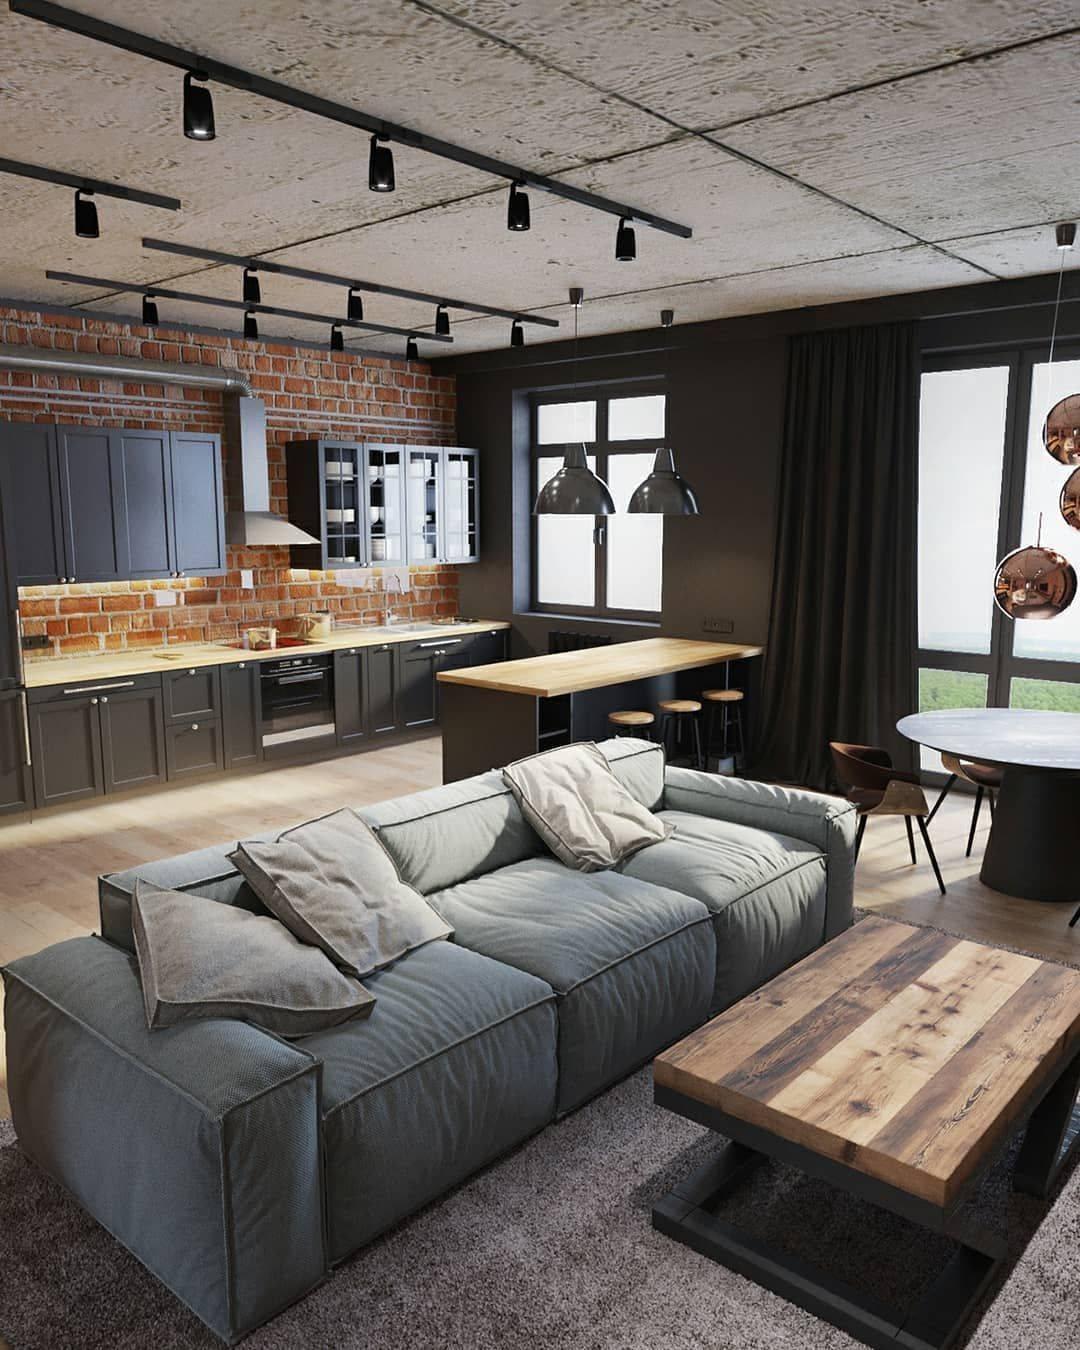 Оформляем маленькую спальню в стиле лофт по всем правилам дизайна